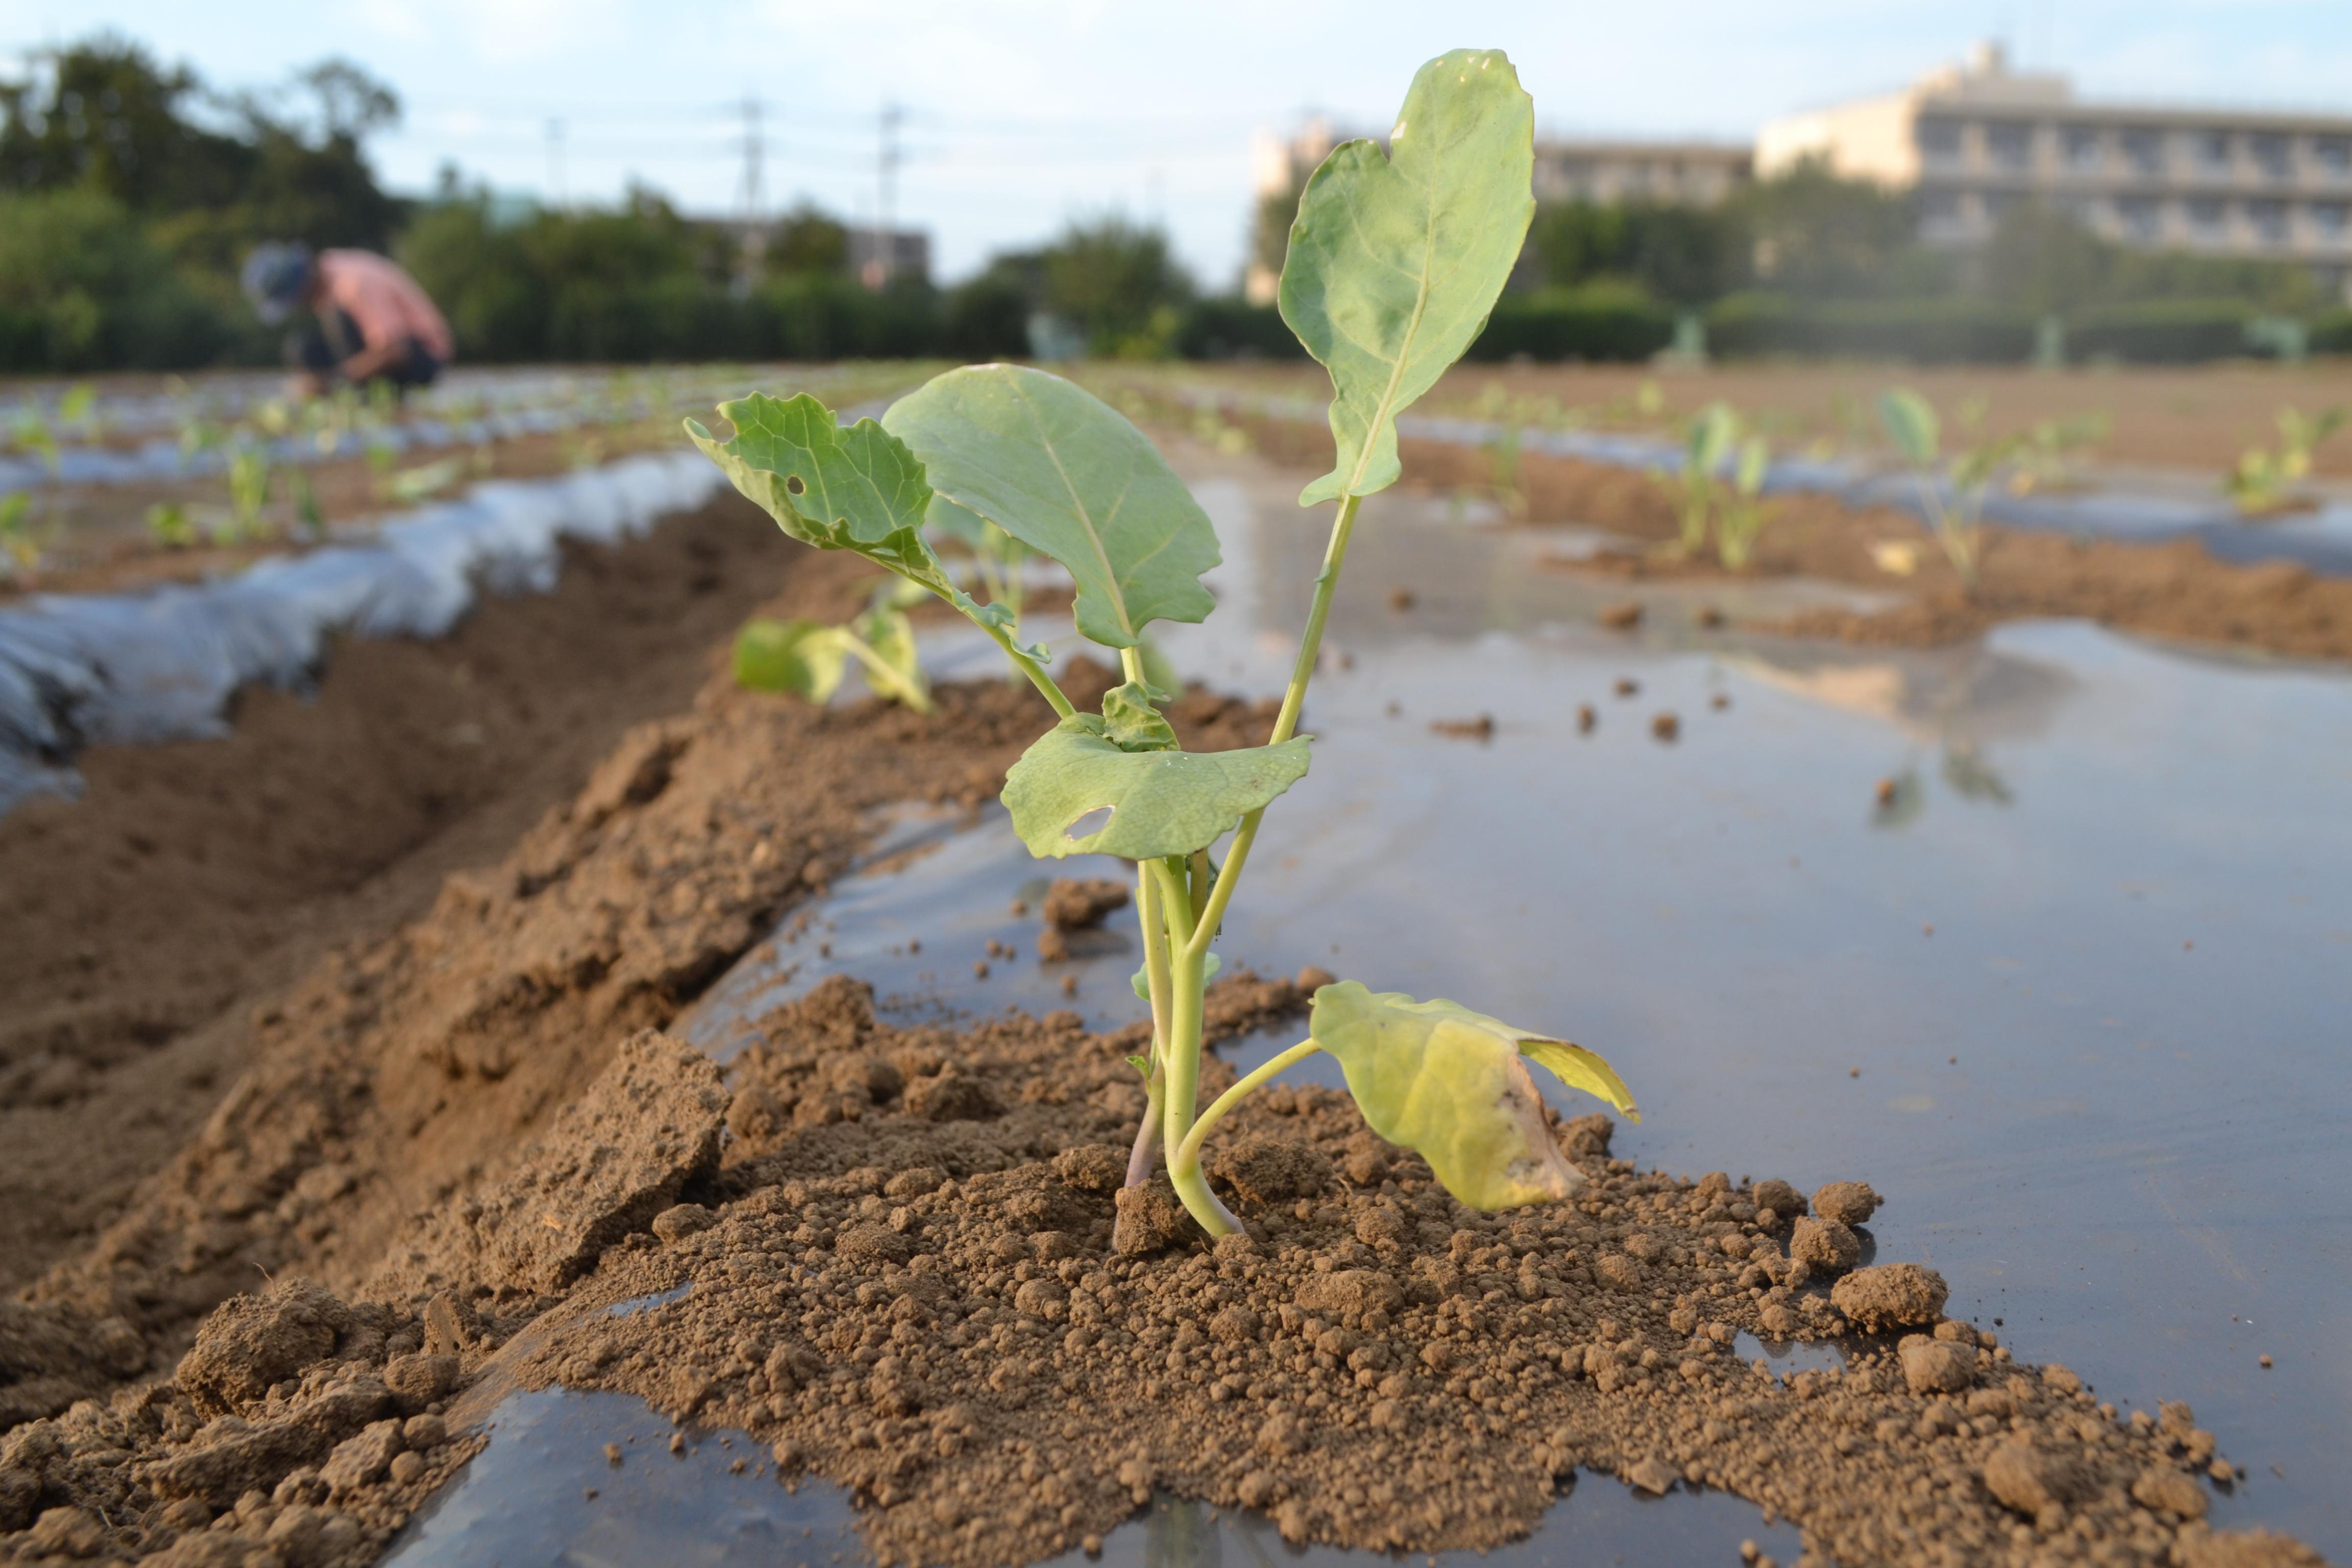 自然栽培野菜と自然治癒力!【無肥料自然栽培農家 明石農園 研修123日目(2016年9月19日)】